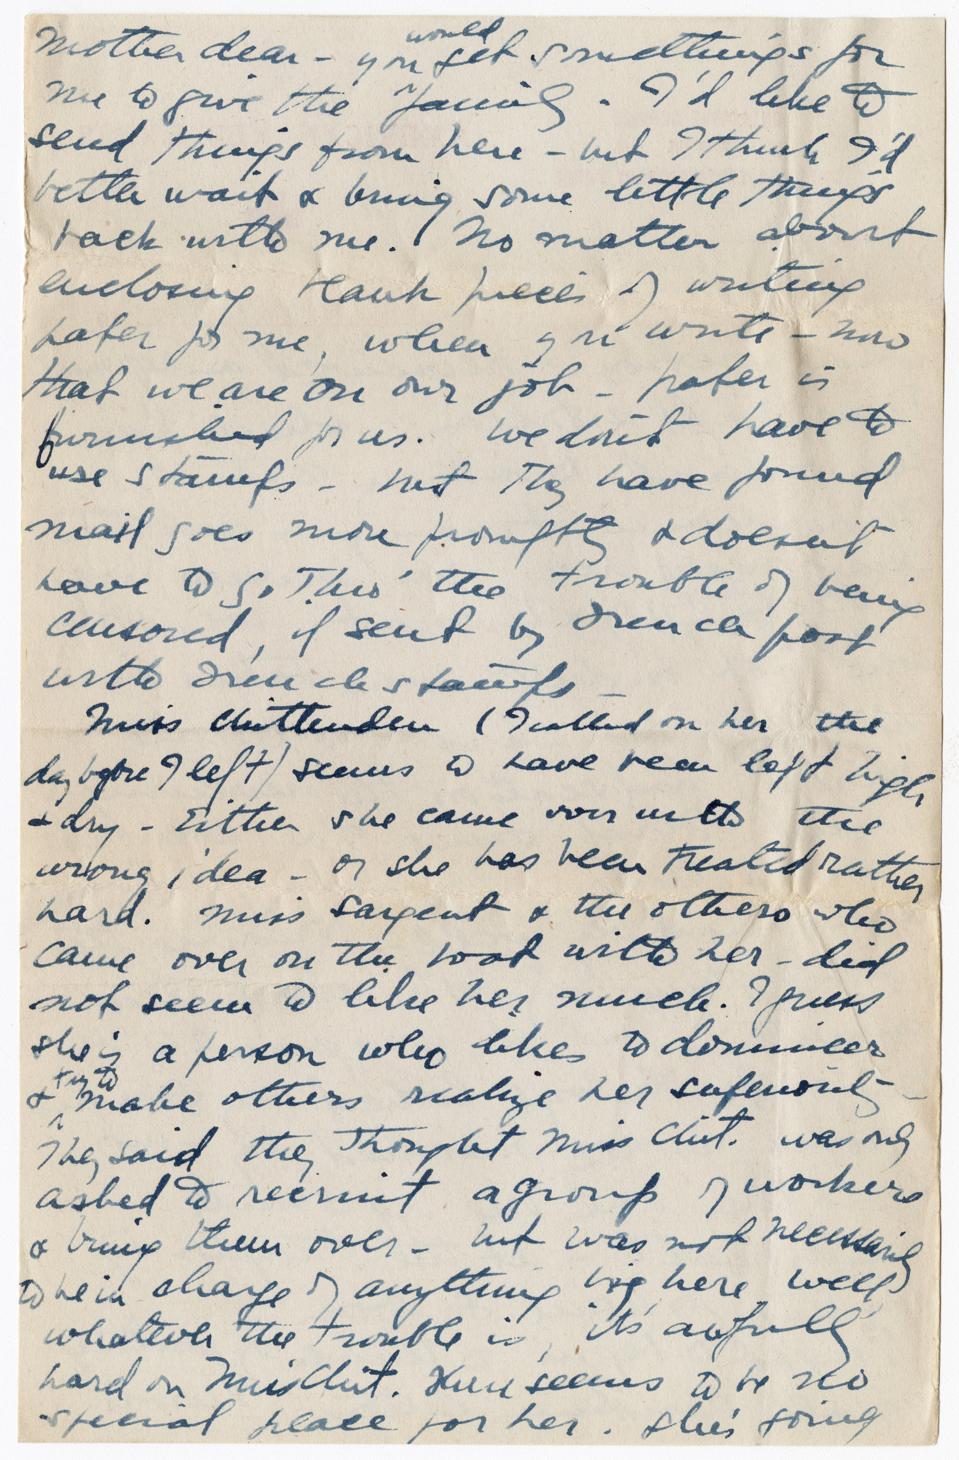 Alice Pratt Carter letter to parents,  November, 29,  1918, page 10.